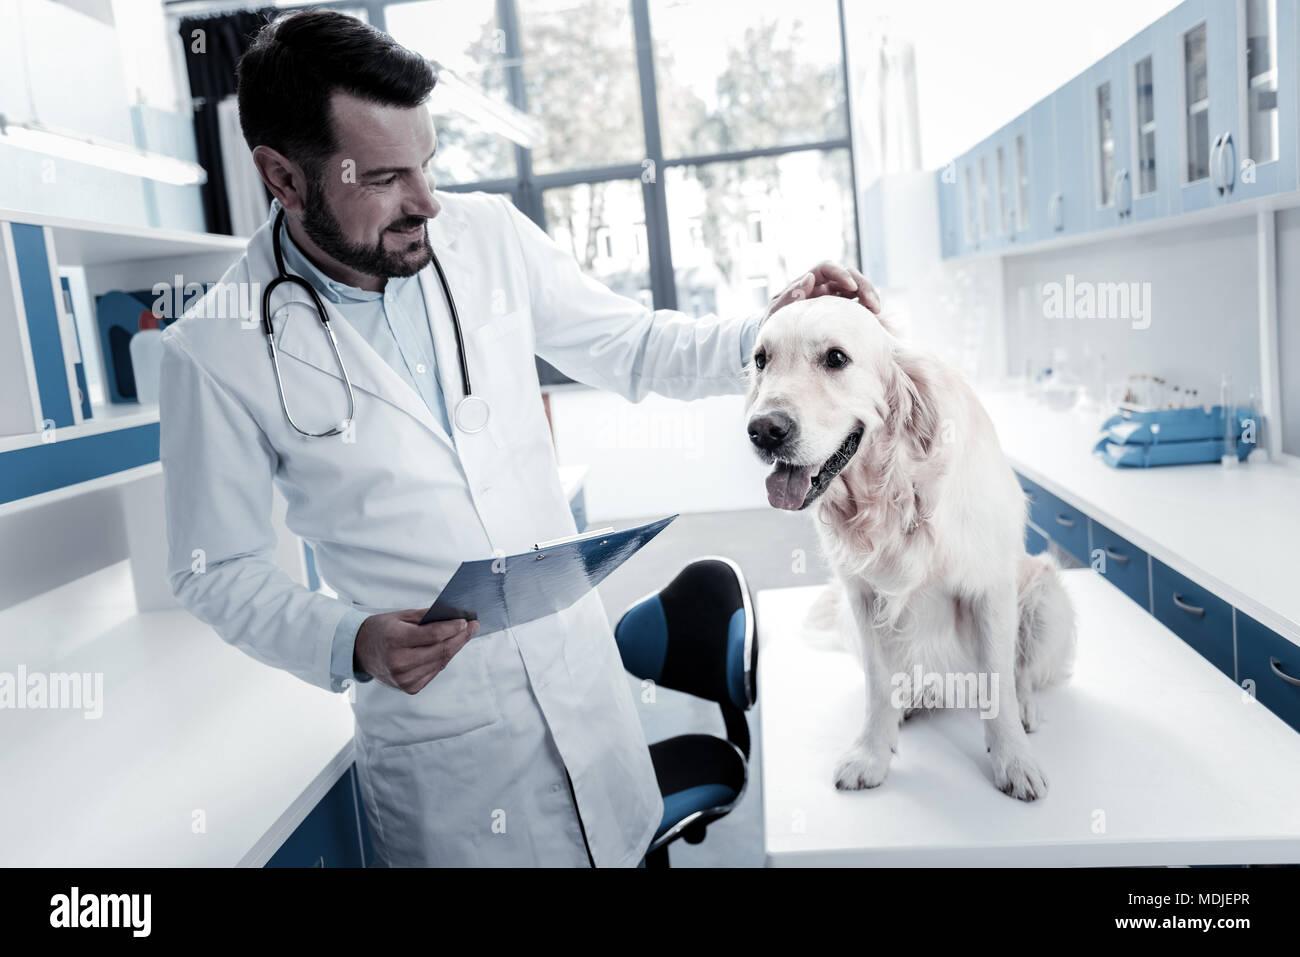 Alegre veterinario agradable acariciar el perro Imagen De Stock